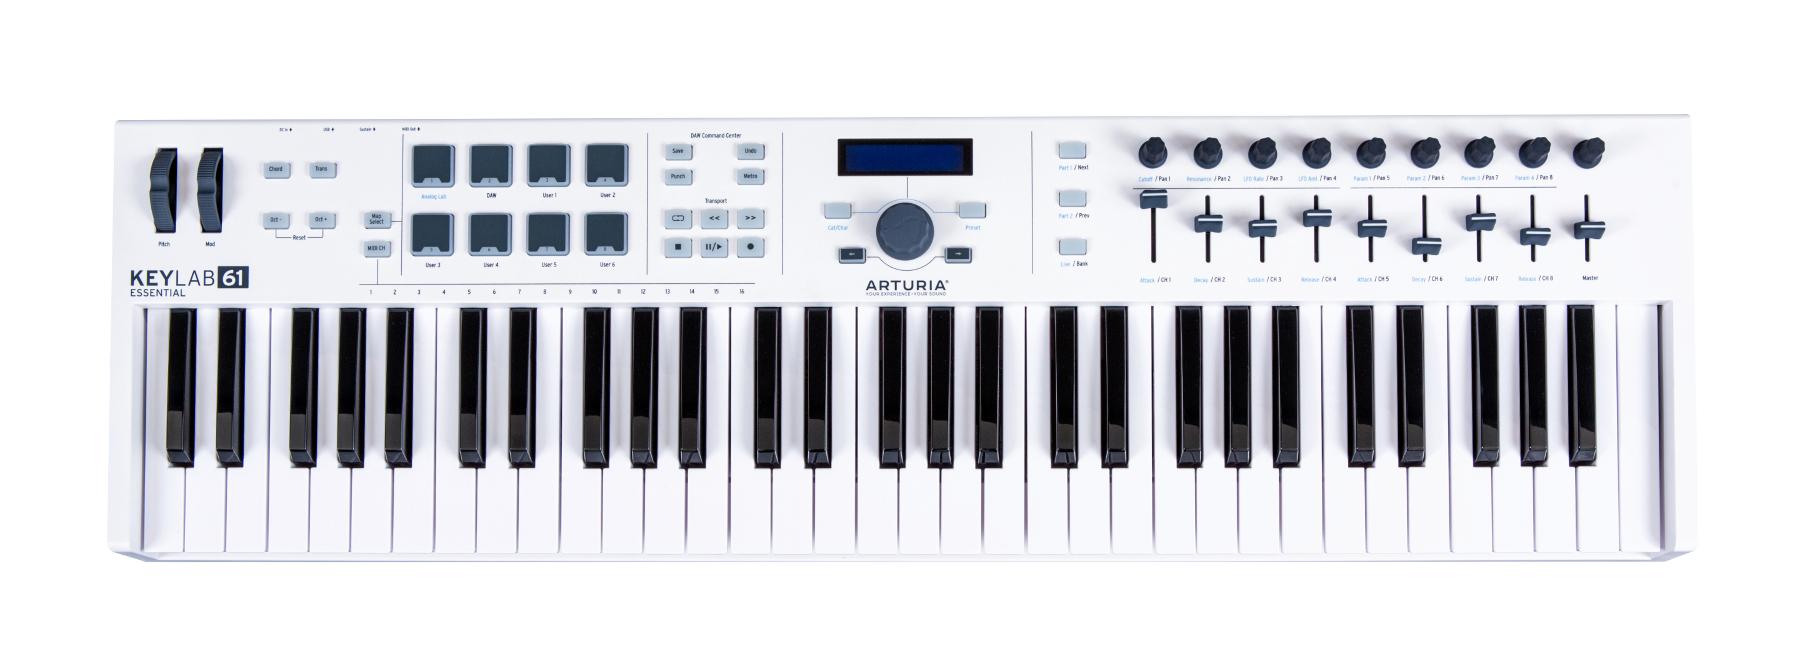 Arturia KeyLab Essential 61 61-key Universal MIDI Controller with Software KEYLAB-61-ESSENTIAL